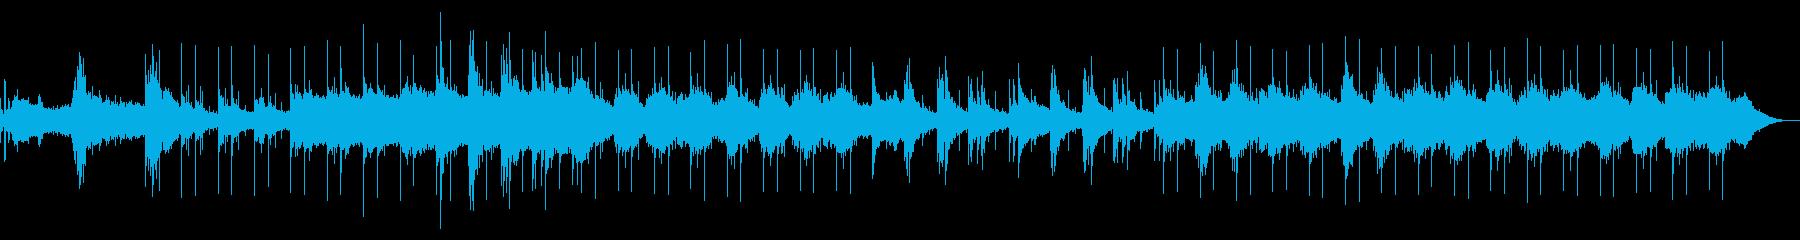 アジア 説明的 静か ハイテク 気...の再生済みの波形